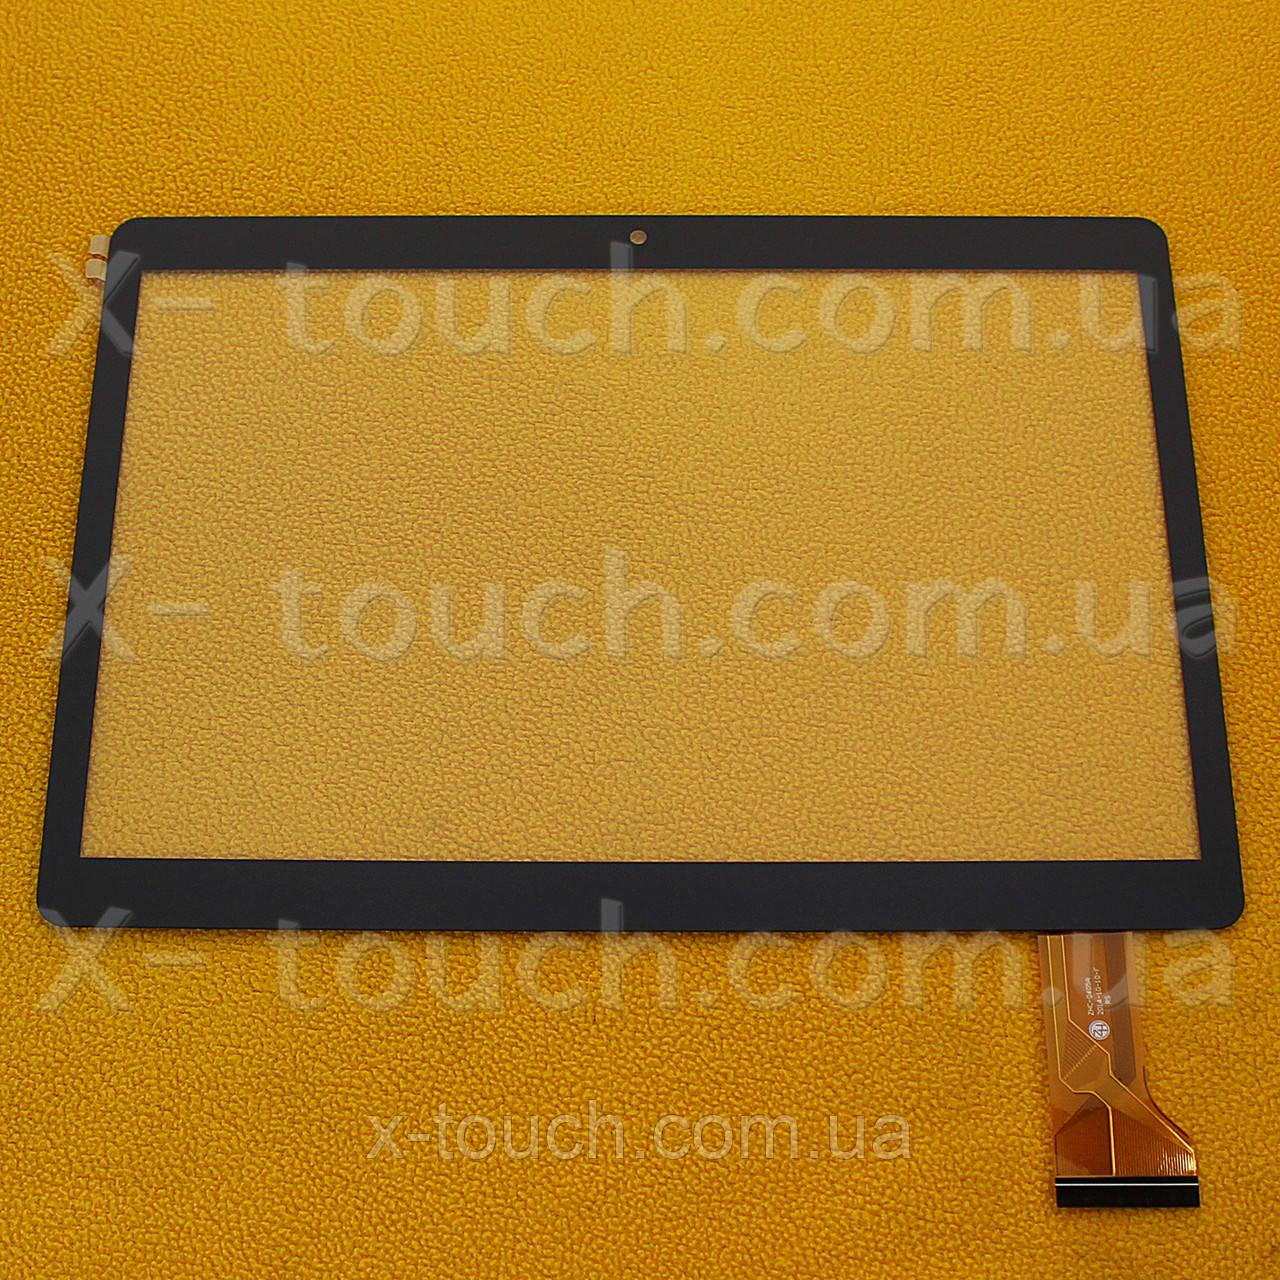 Тачскрин, сенсор Jeka JK-960 3G для планшета, черного цвета.